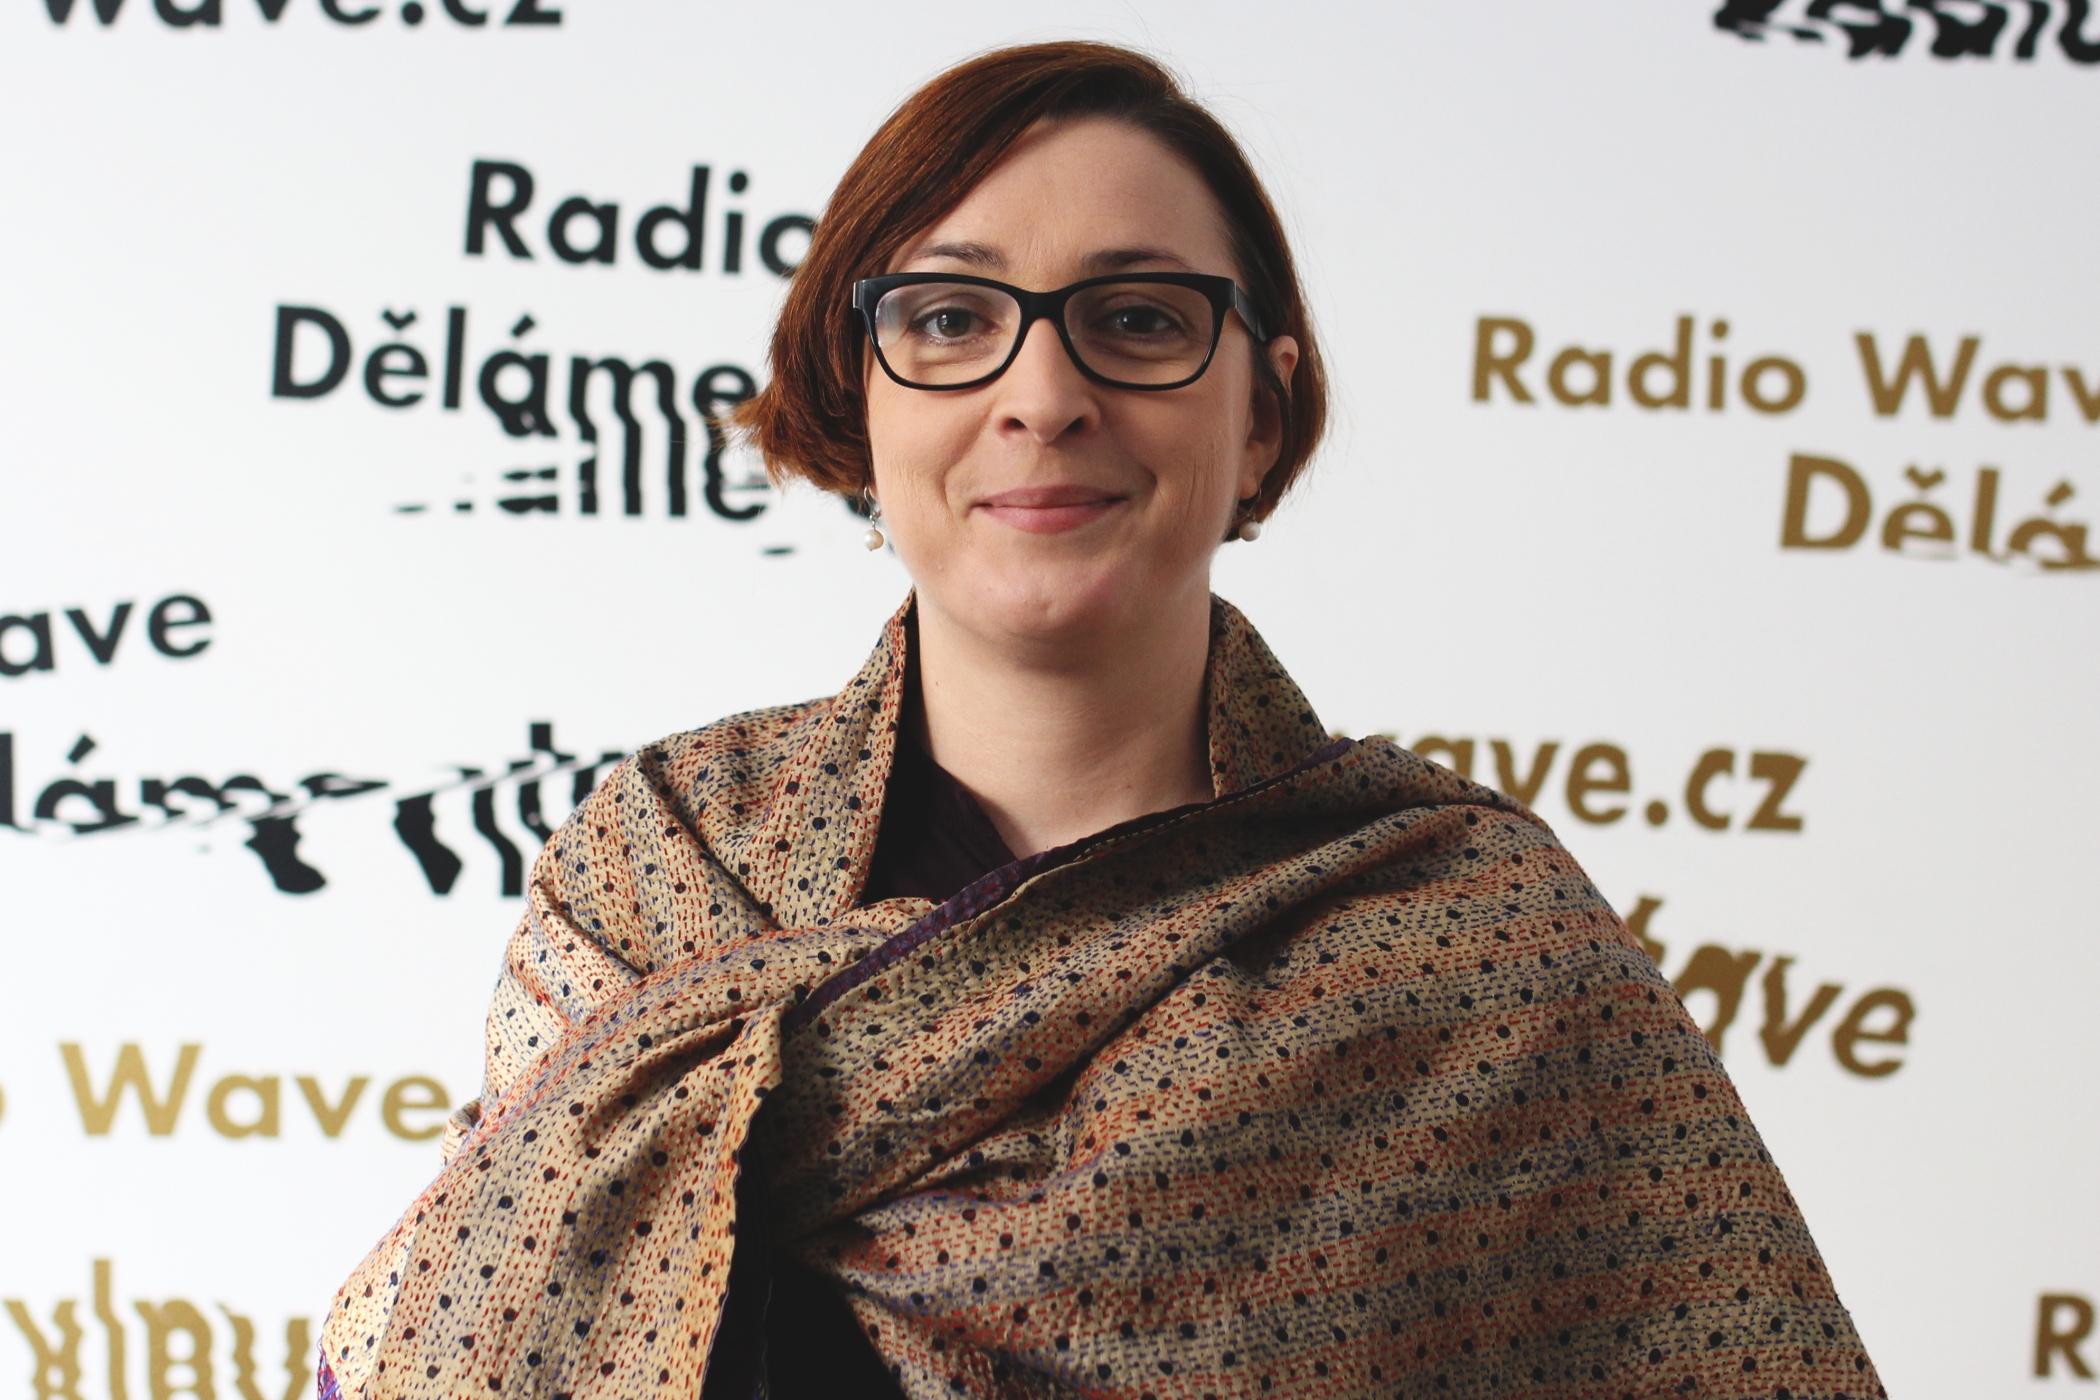 Marcela Linková